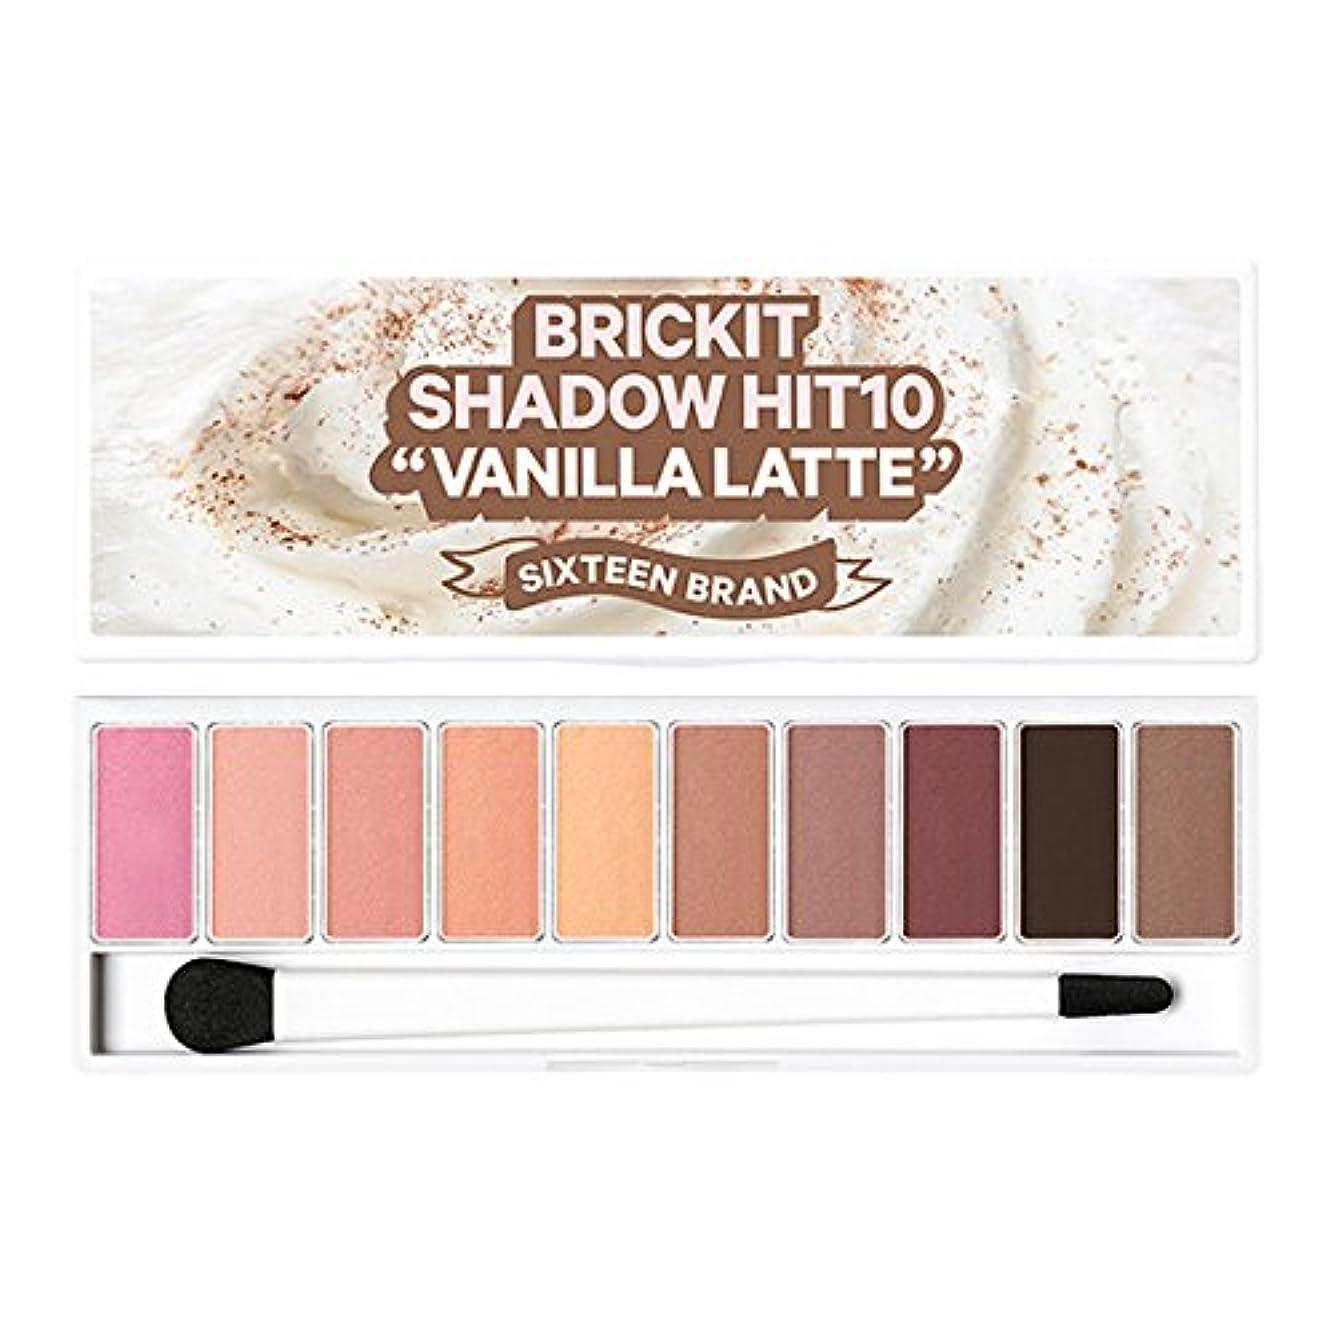 口述する敵意マイクロ16brand Sixteen Brickit Shadow Hit 10 Vanilla Latte 10g/16ブランド シックスティーン ブリックキット シャドウ ヒット 10 バニララテ 10g [並行輸入品]